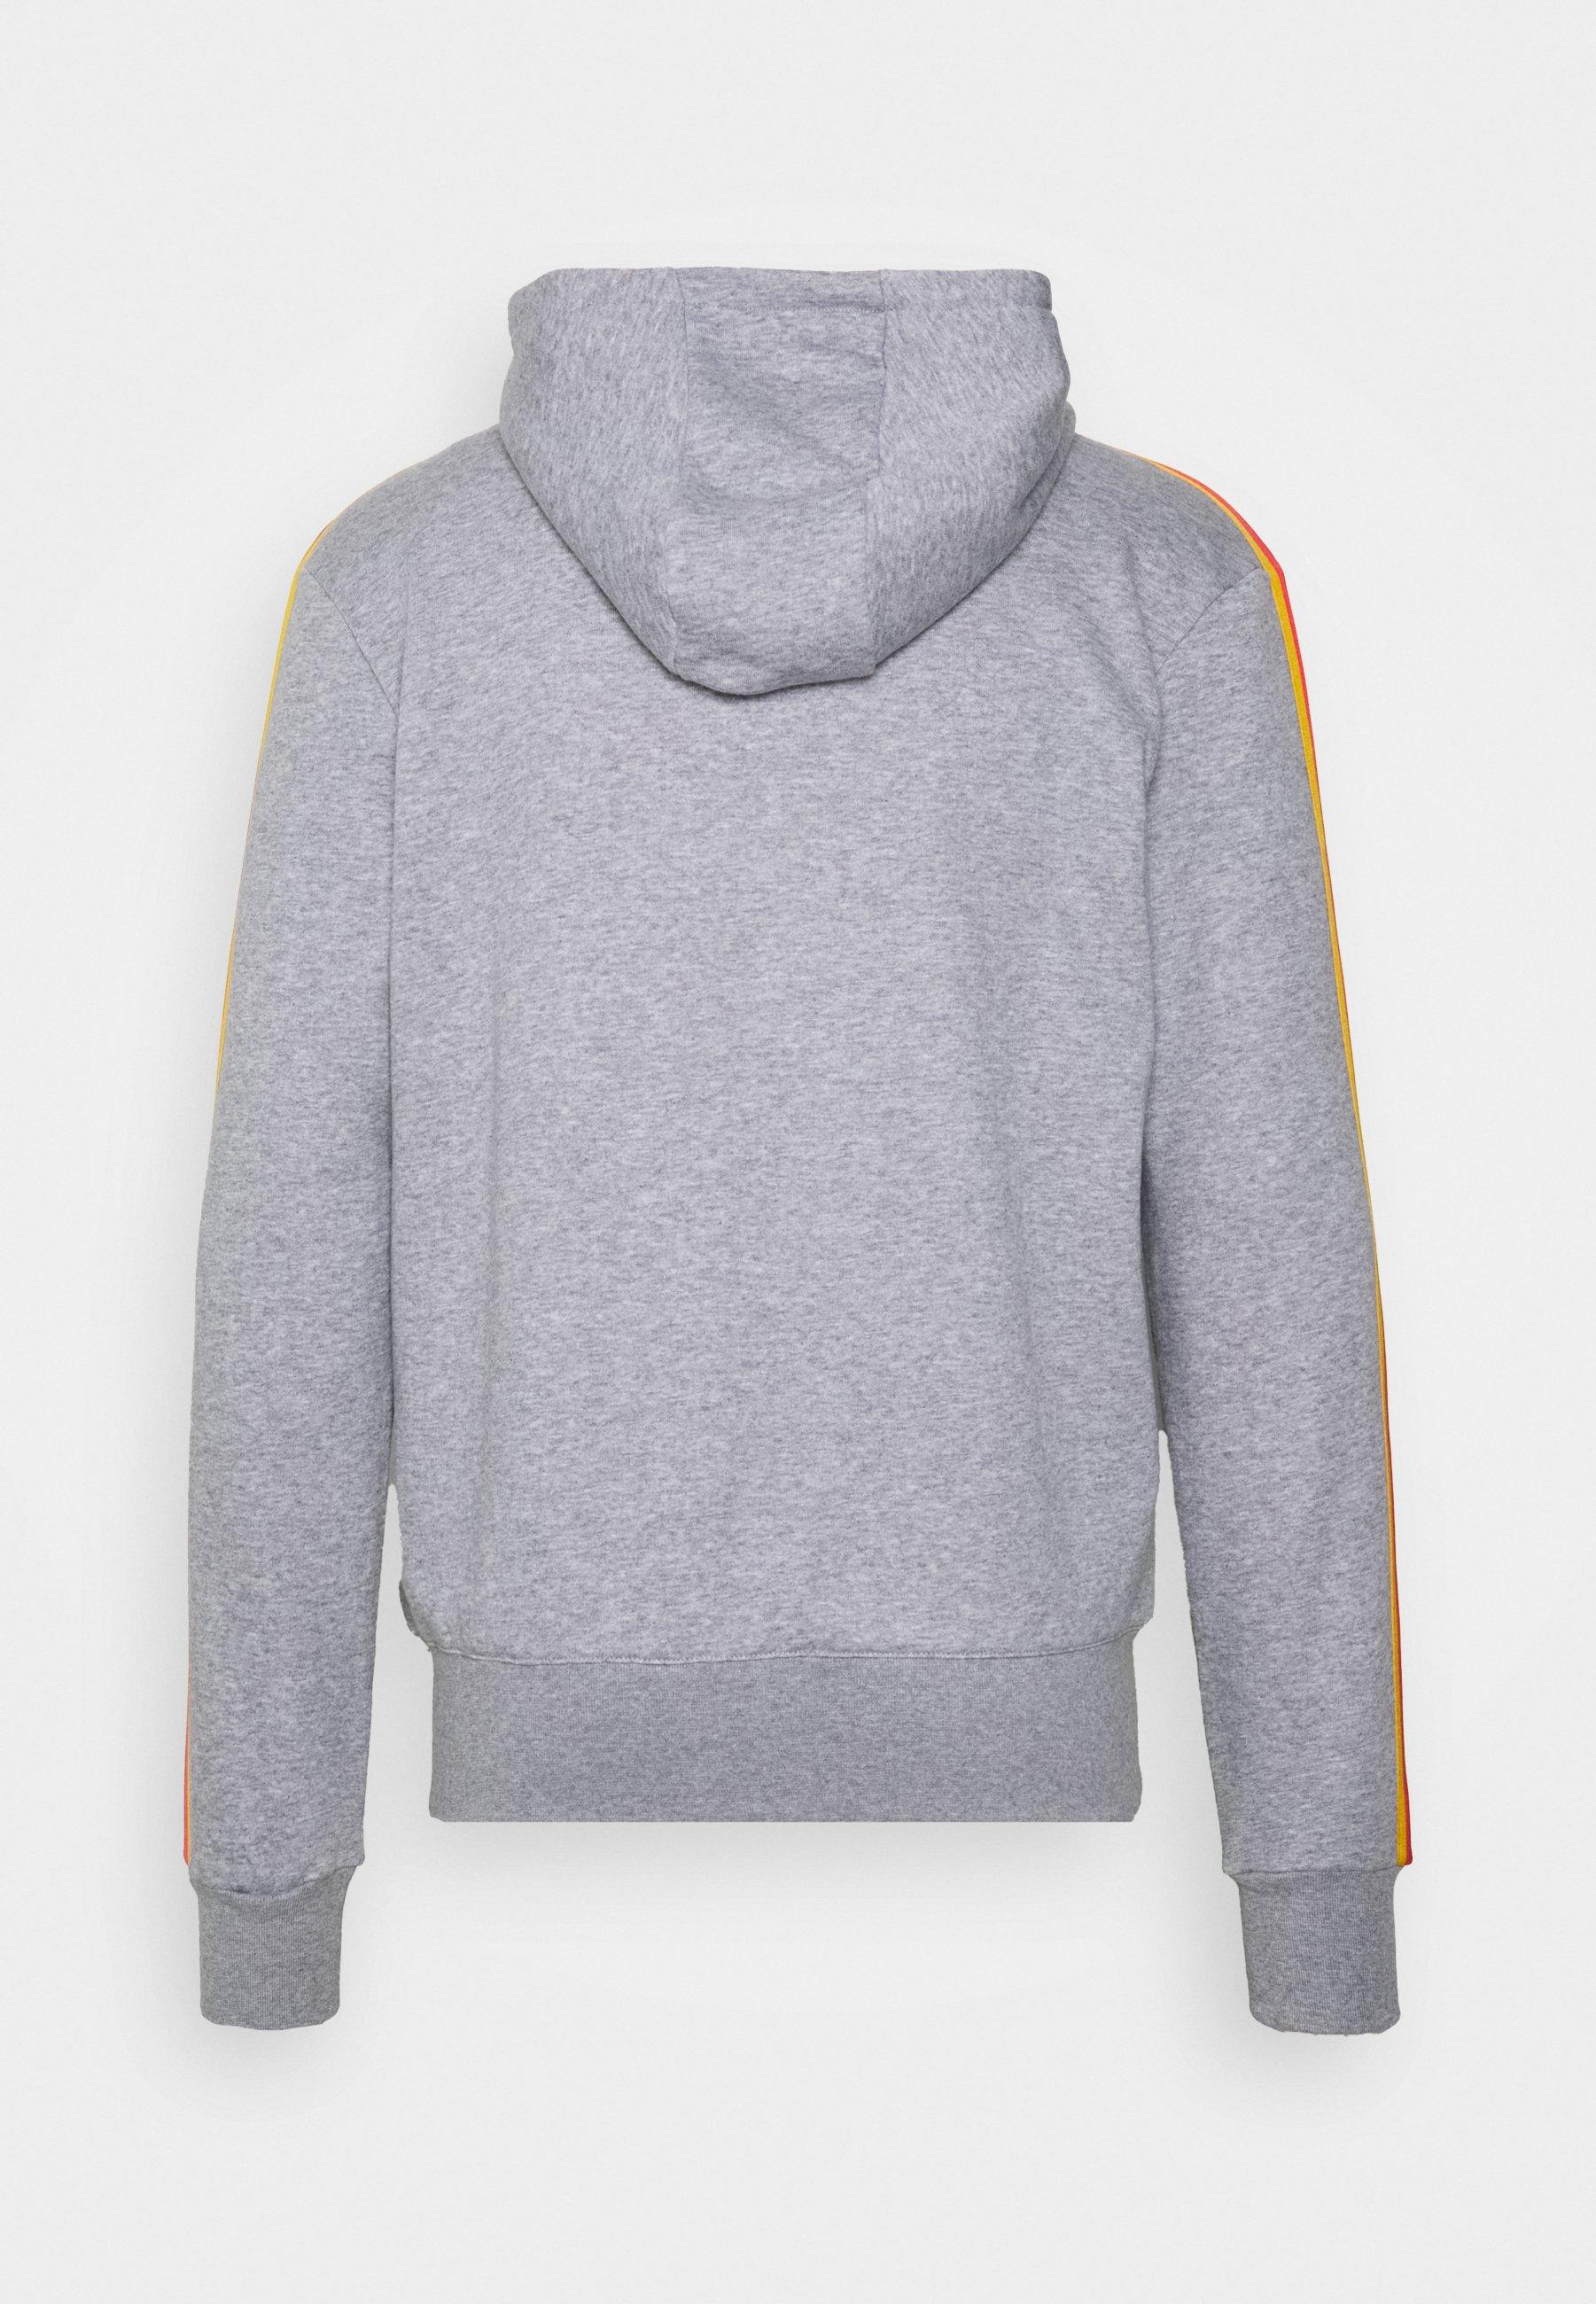 Volcom TIMESOFT ZIP veste en sweat zippée anthracite